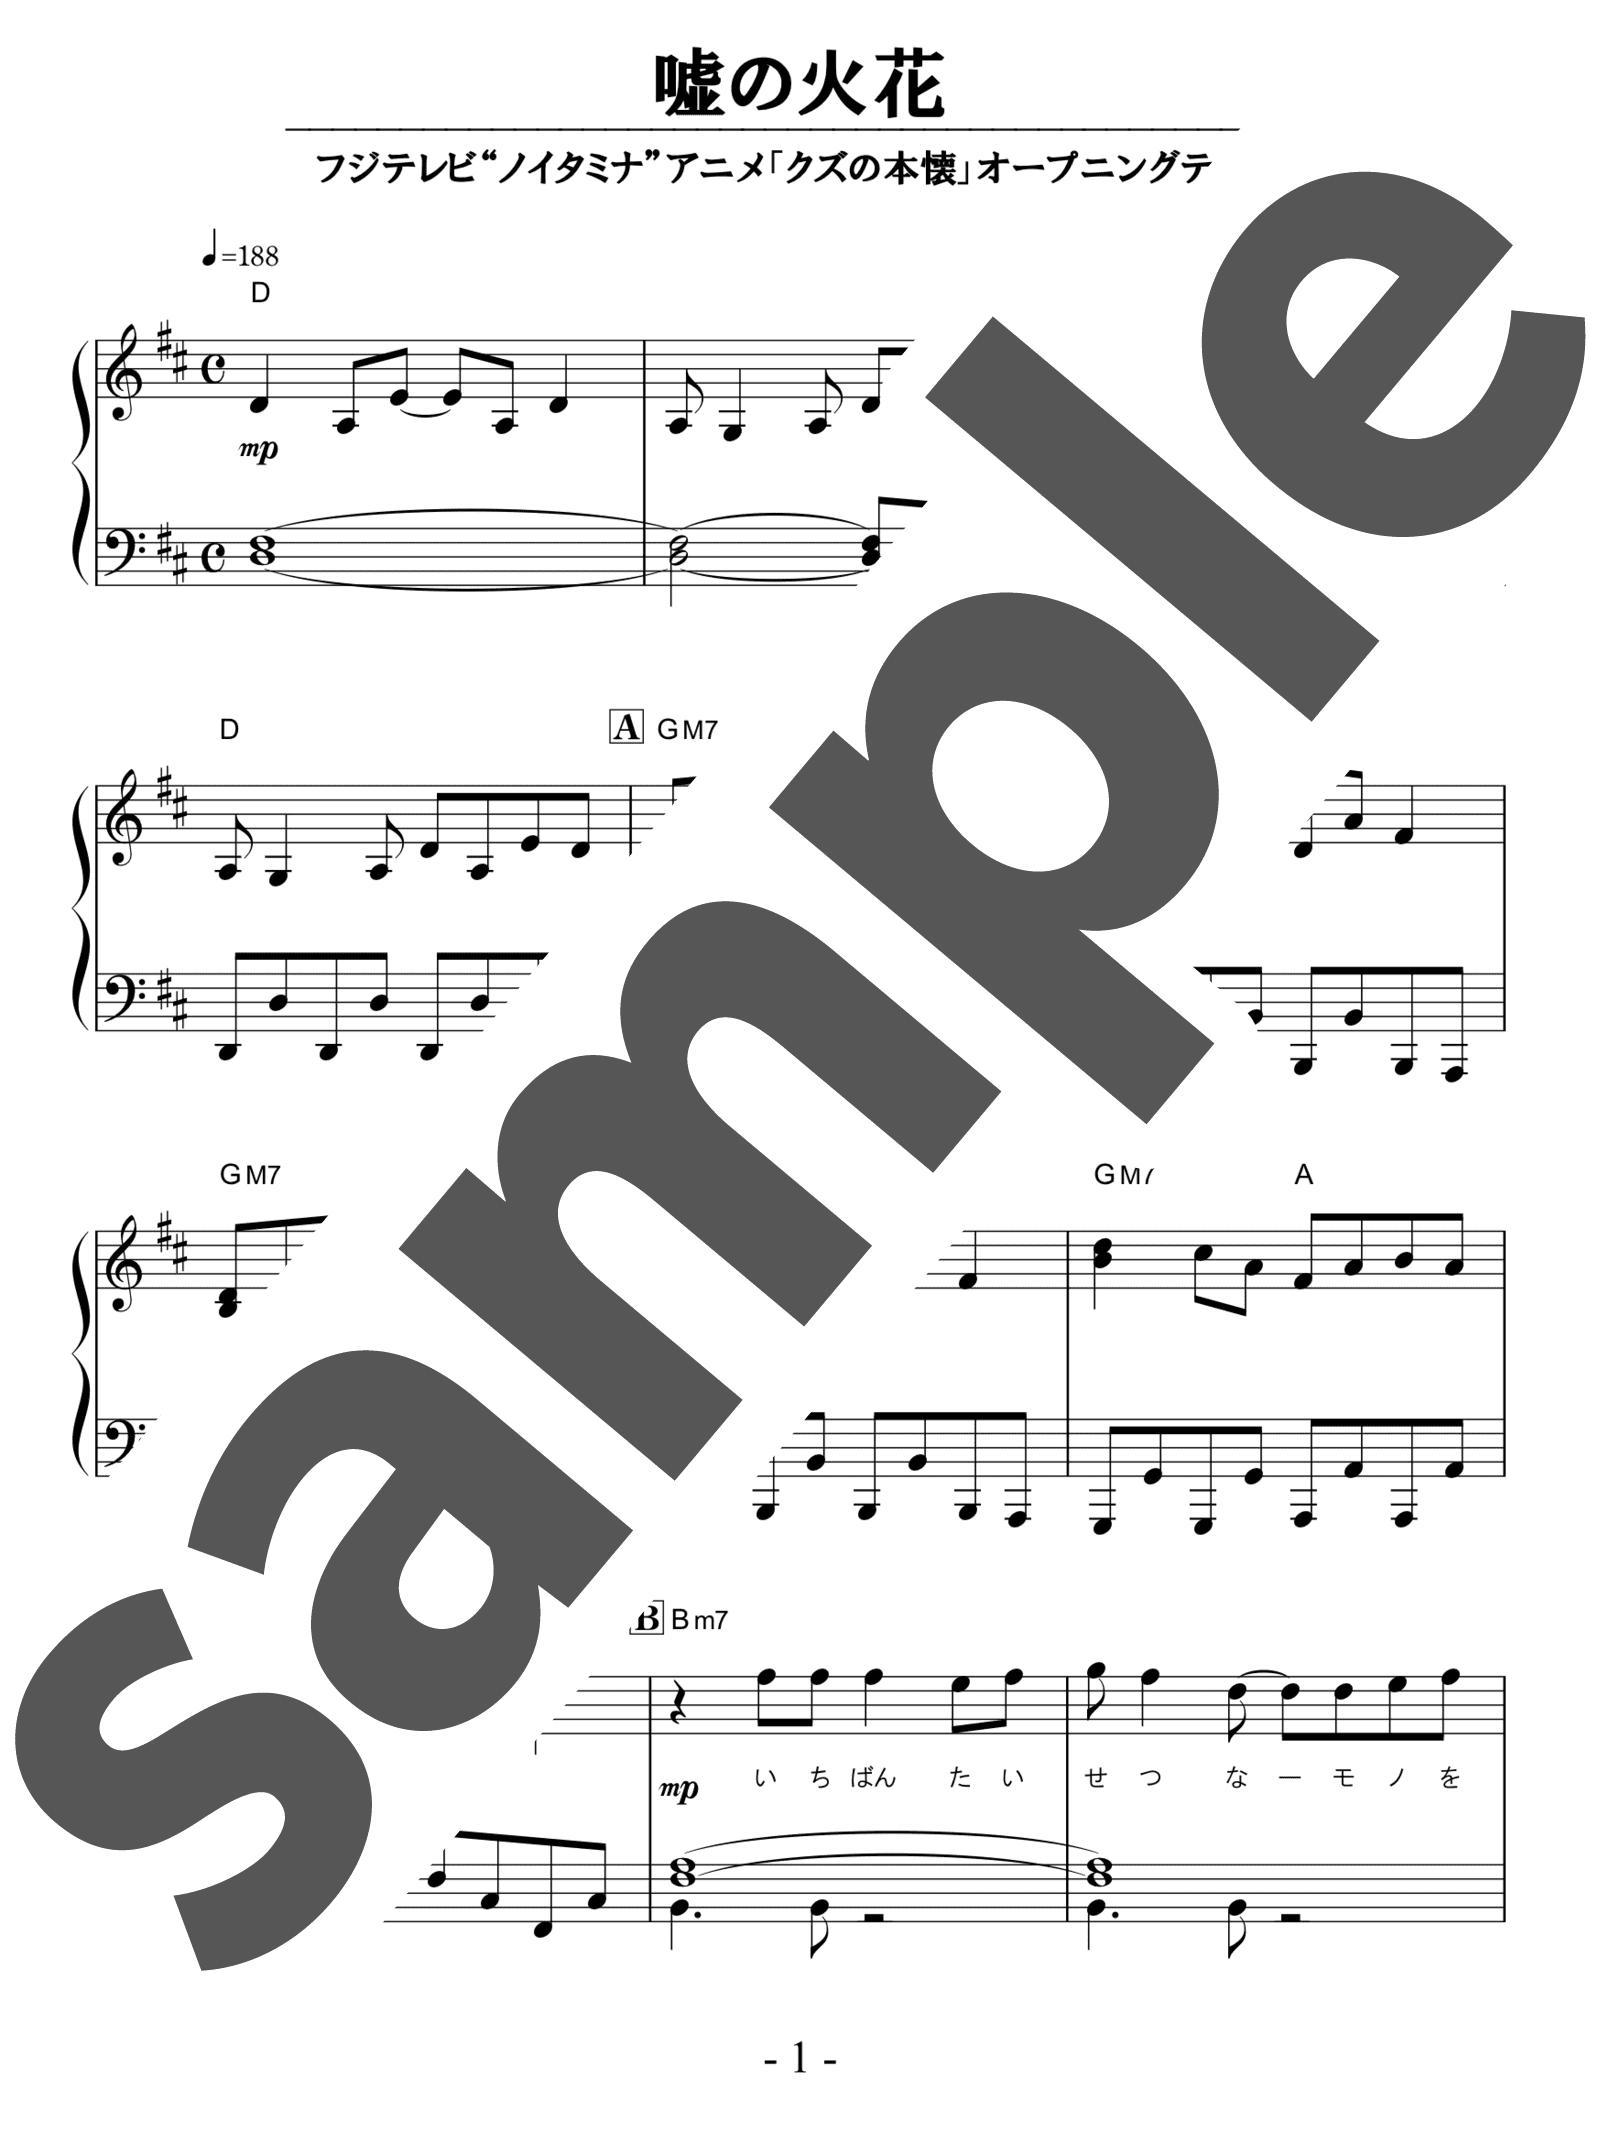 「嘘の火花」のサンプル楽譜